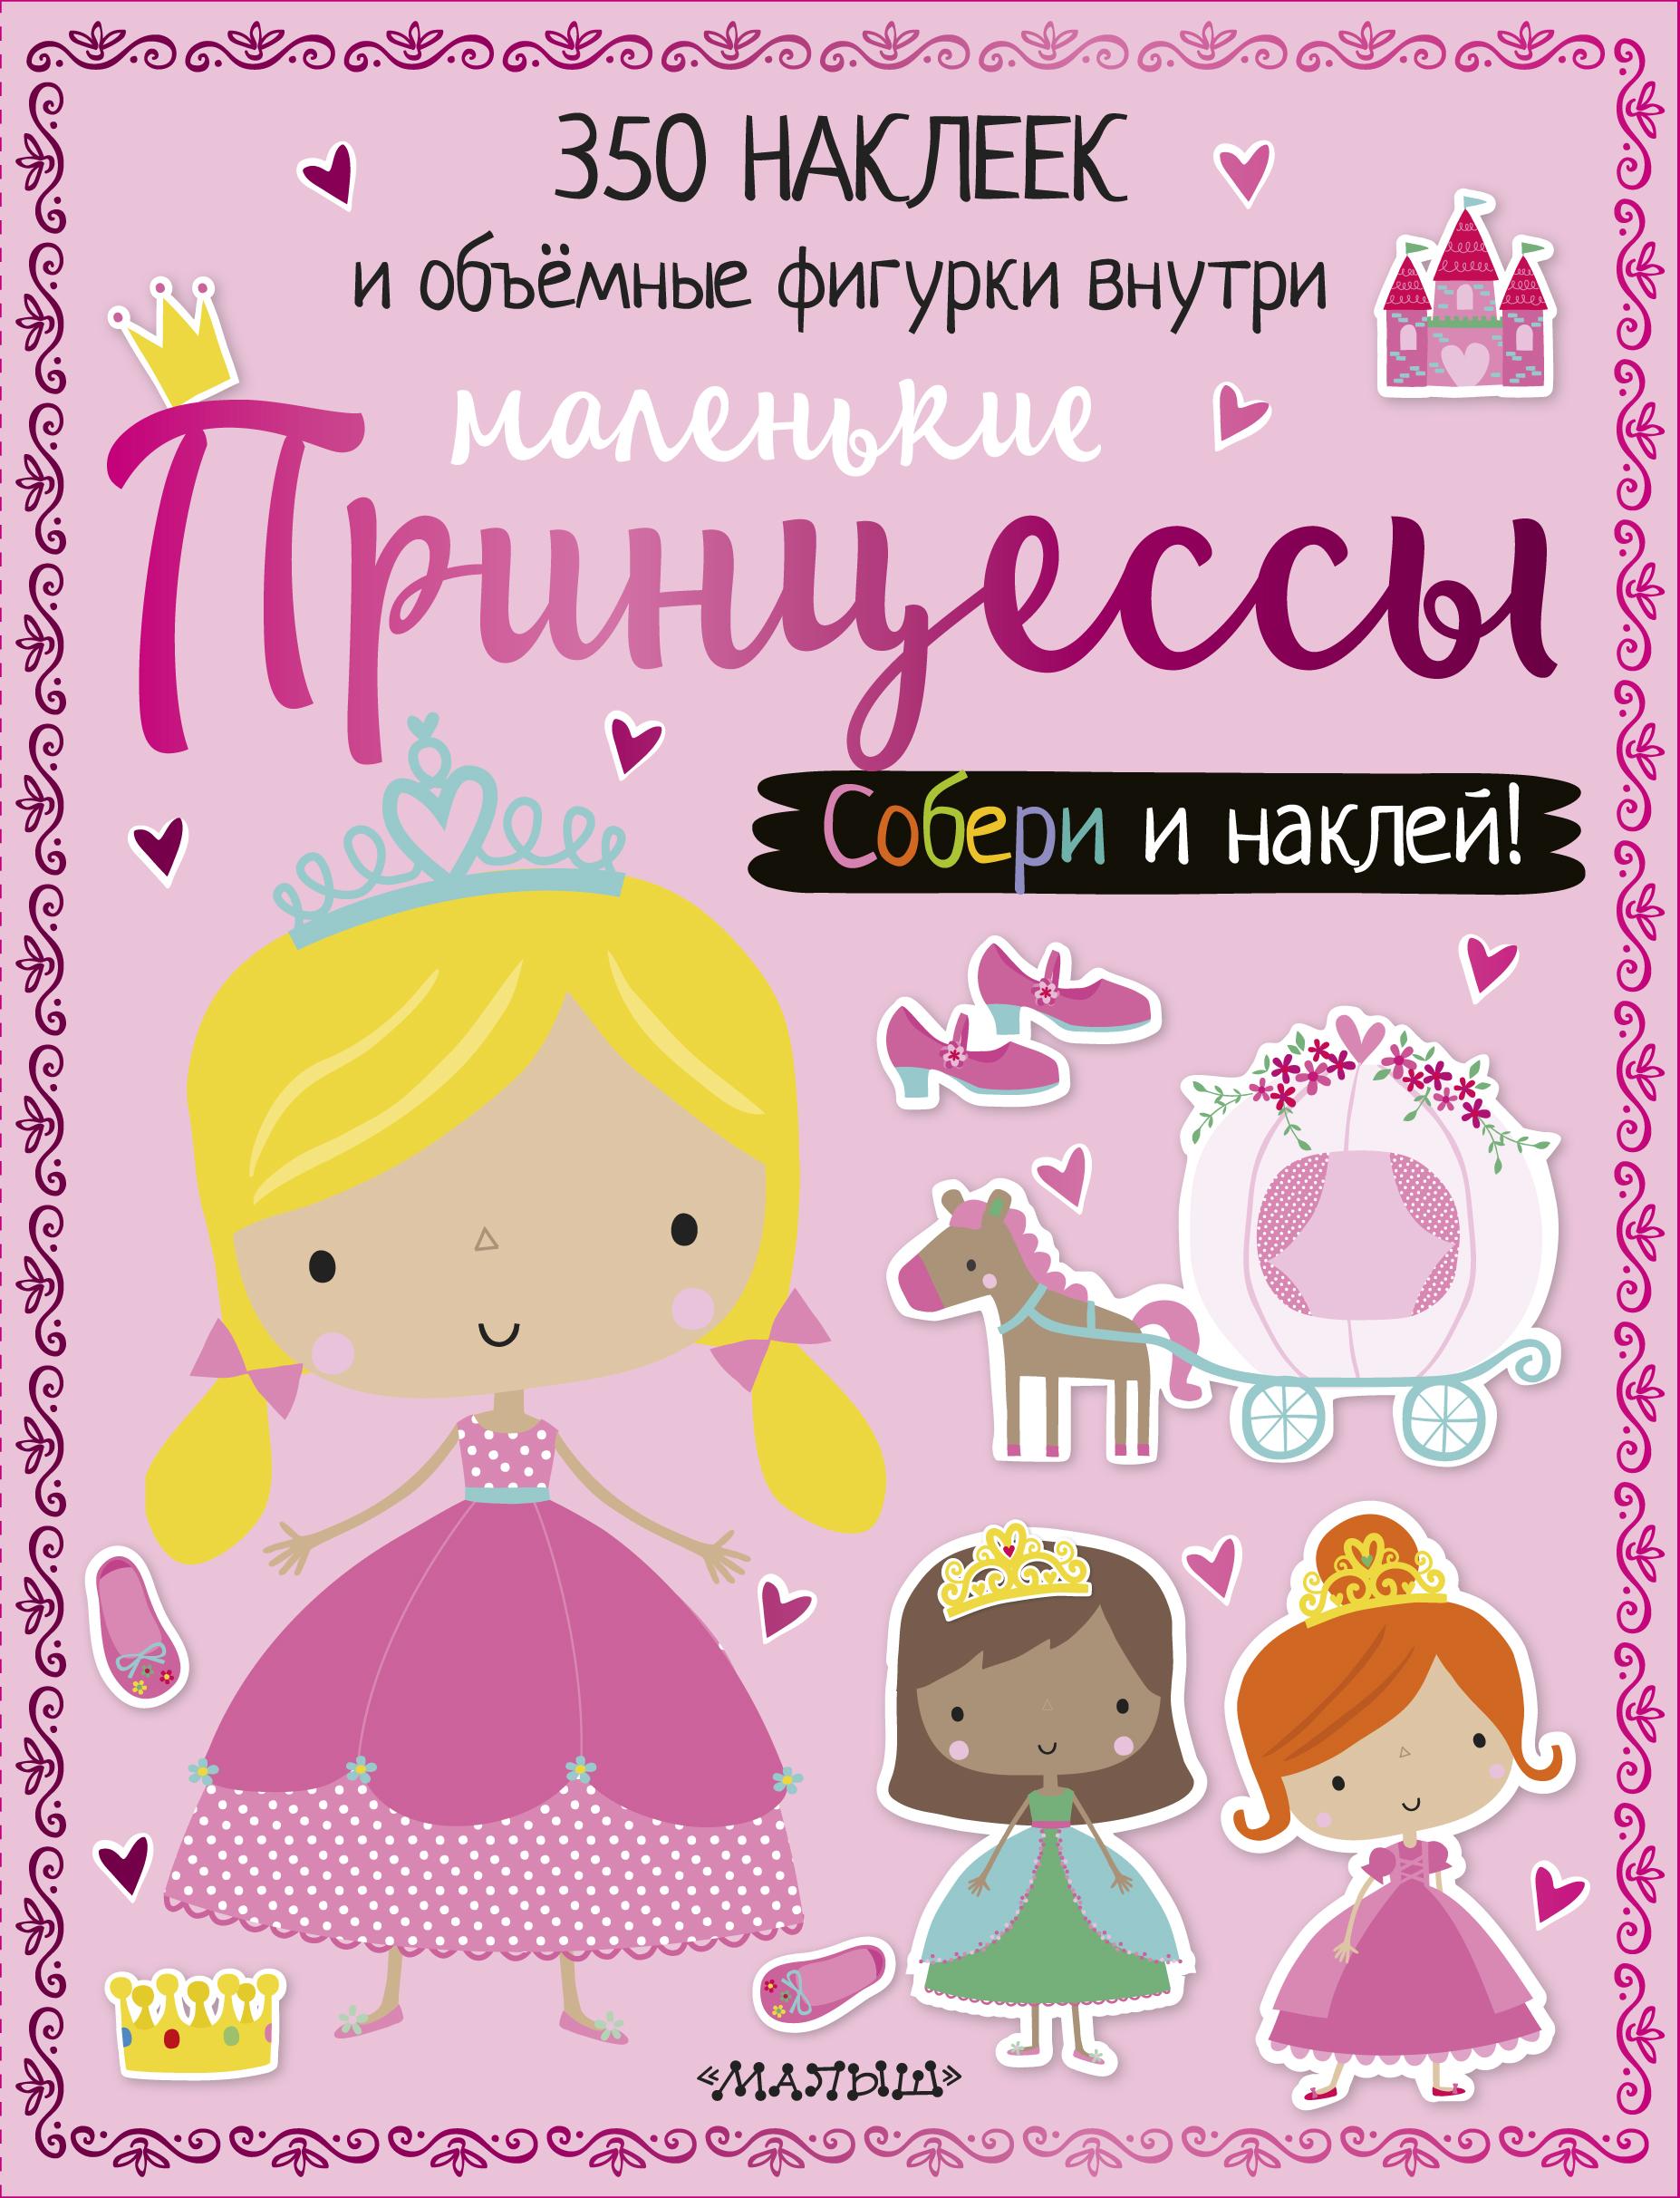 . Маленькие принцессы дмитриева в как стать настоящей принцессой isbn 9785271346712